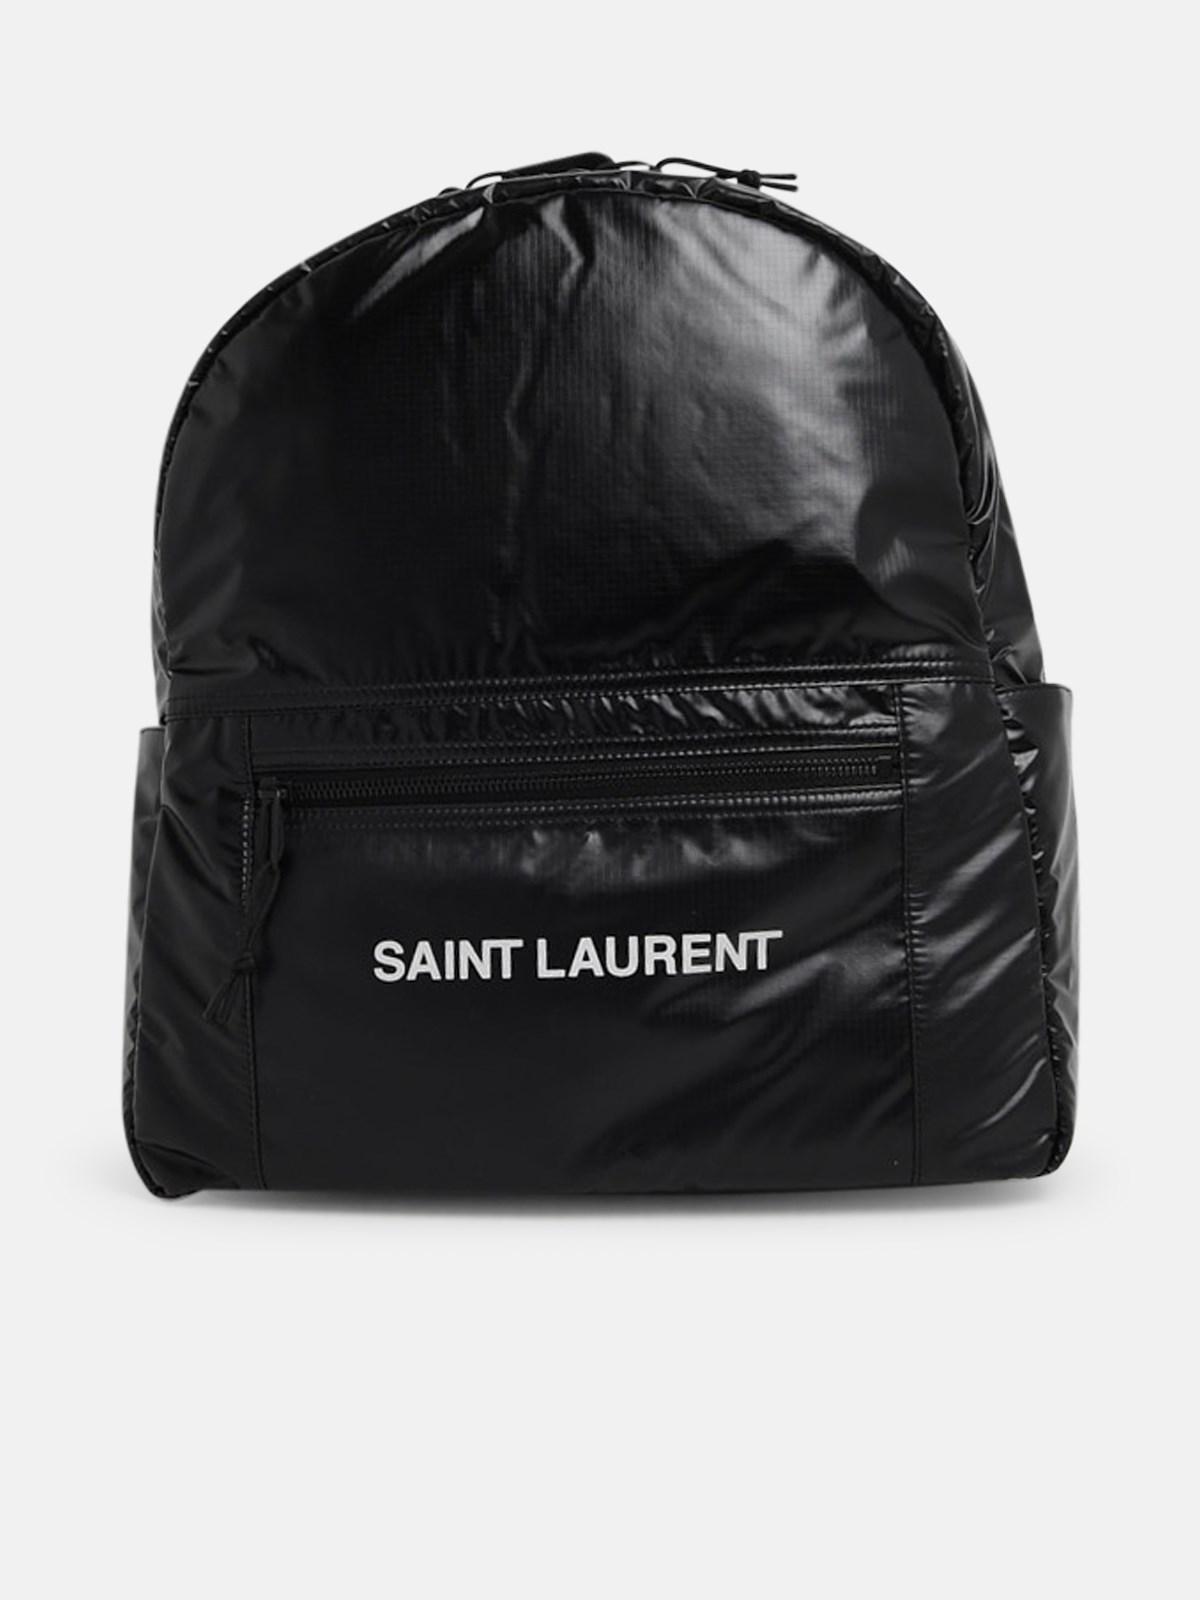 SAINT LAURENT BLACK NUXX BACKPACK